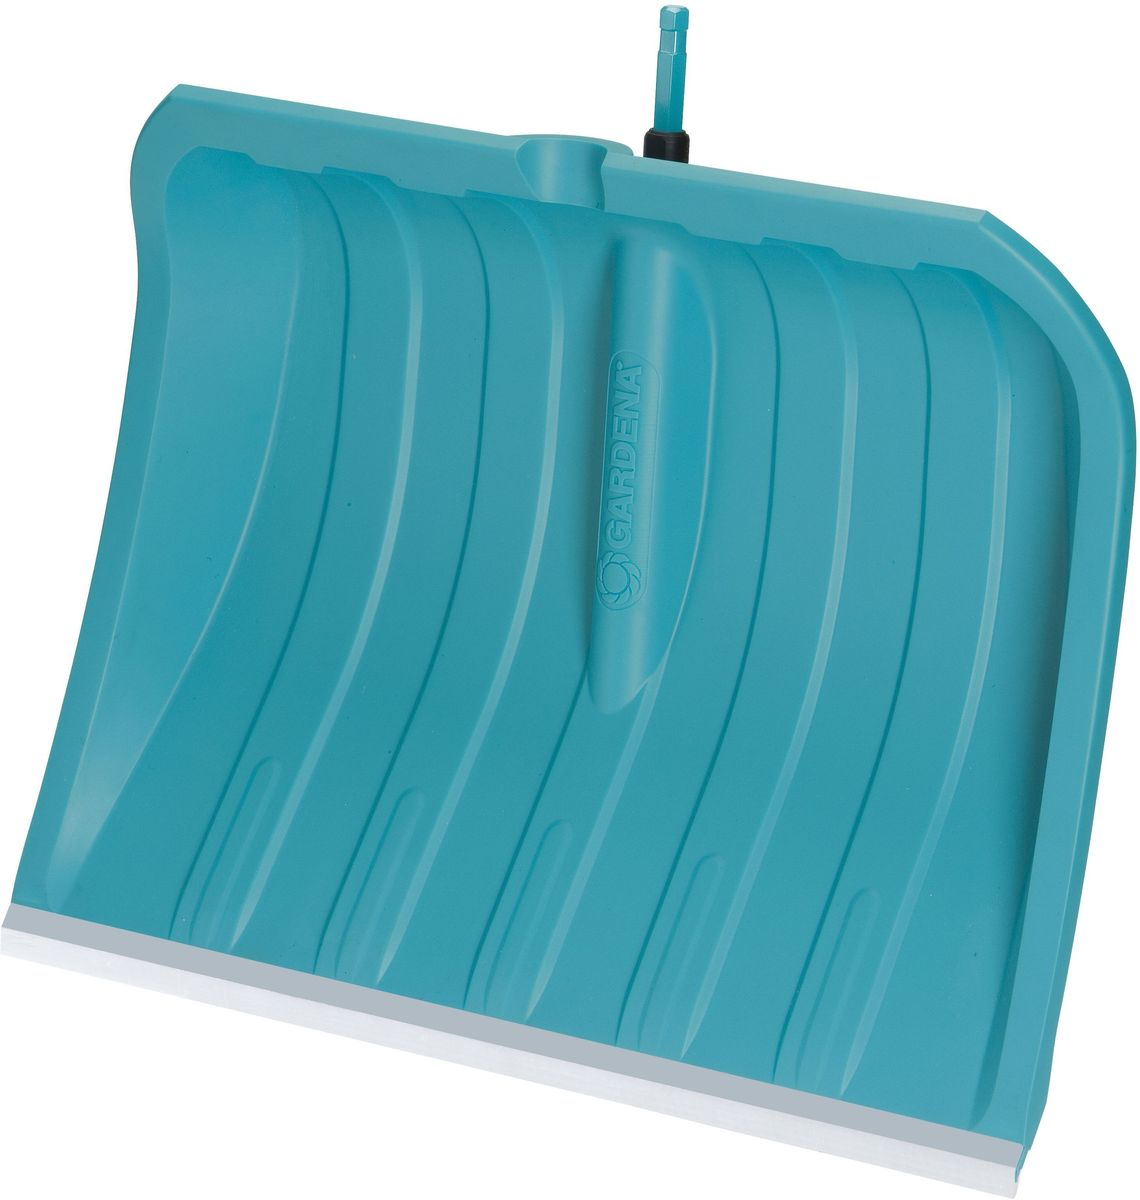 Лопата для уборки снега Gardena, со съемной ручкой, ширина 50 смK100Лопата для уборки снега Gardena имеет особо прочную кромку из нержавеющей стали. Этим инструментом удобно очищать асфальтные и бетонные поверхности от снега. Полотно лопаты изготовлено из пластика и устойчиво к воздействию солей и низких температур до -40°. Более простая и комфортная работа за счет гладкой поверхности полотна - не налипает снег, улучшенное скольжение. Изделие оснащено съемной ручкой Gardena, выполненной из ясеня и алюминия. Конструкция ручки включает в себя стопорный винт, благодаря которому достигается надежная фиксация инструмента. Форма ручки в виде конуса облегчает использование ручки во время работы и предотвращает ее выскальзывание.Длина ручки: 150 см.Ширина рабочей части лопаты: 50 см.